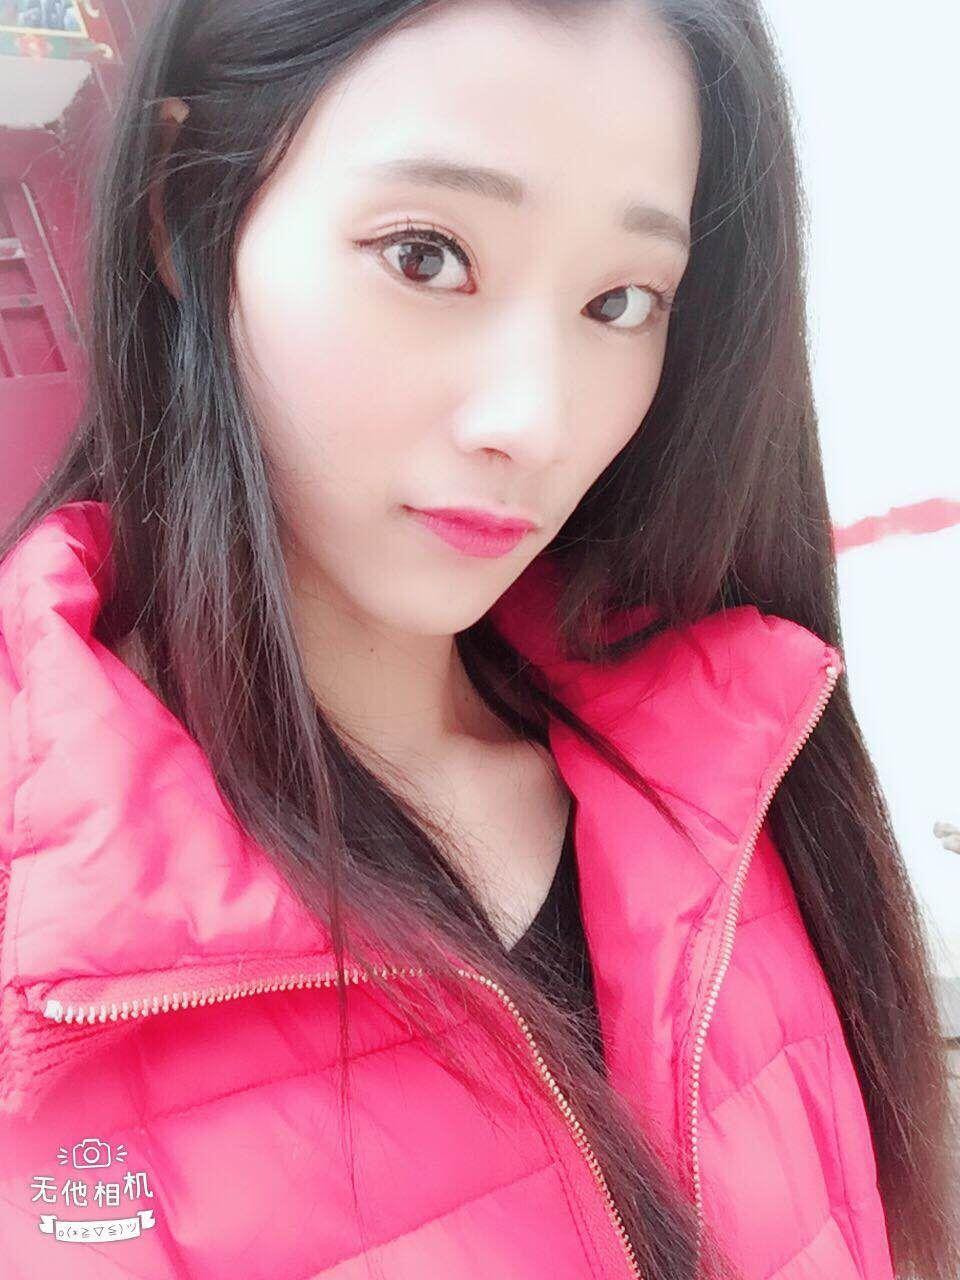 春心萌动女生秀 将军 艾希1530.γ